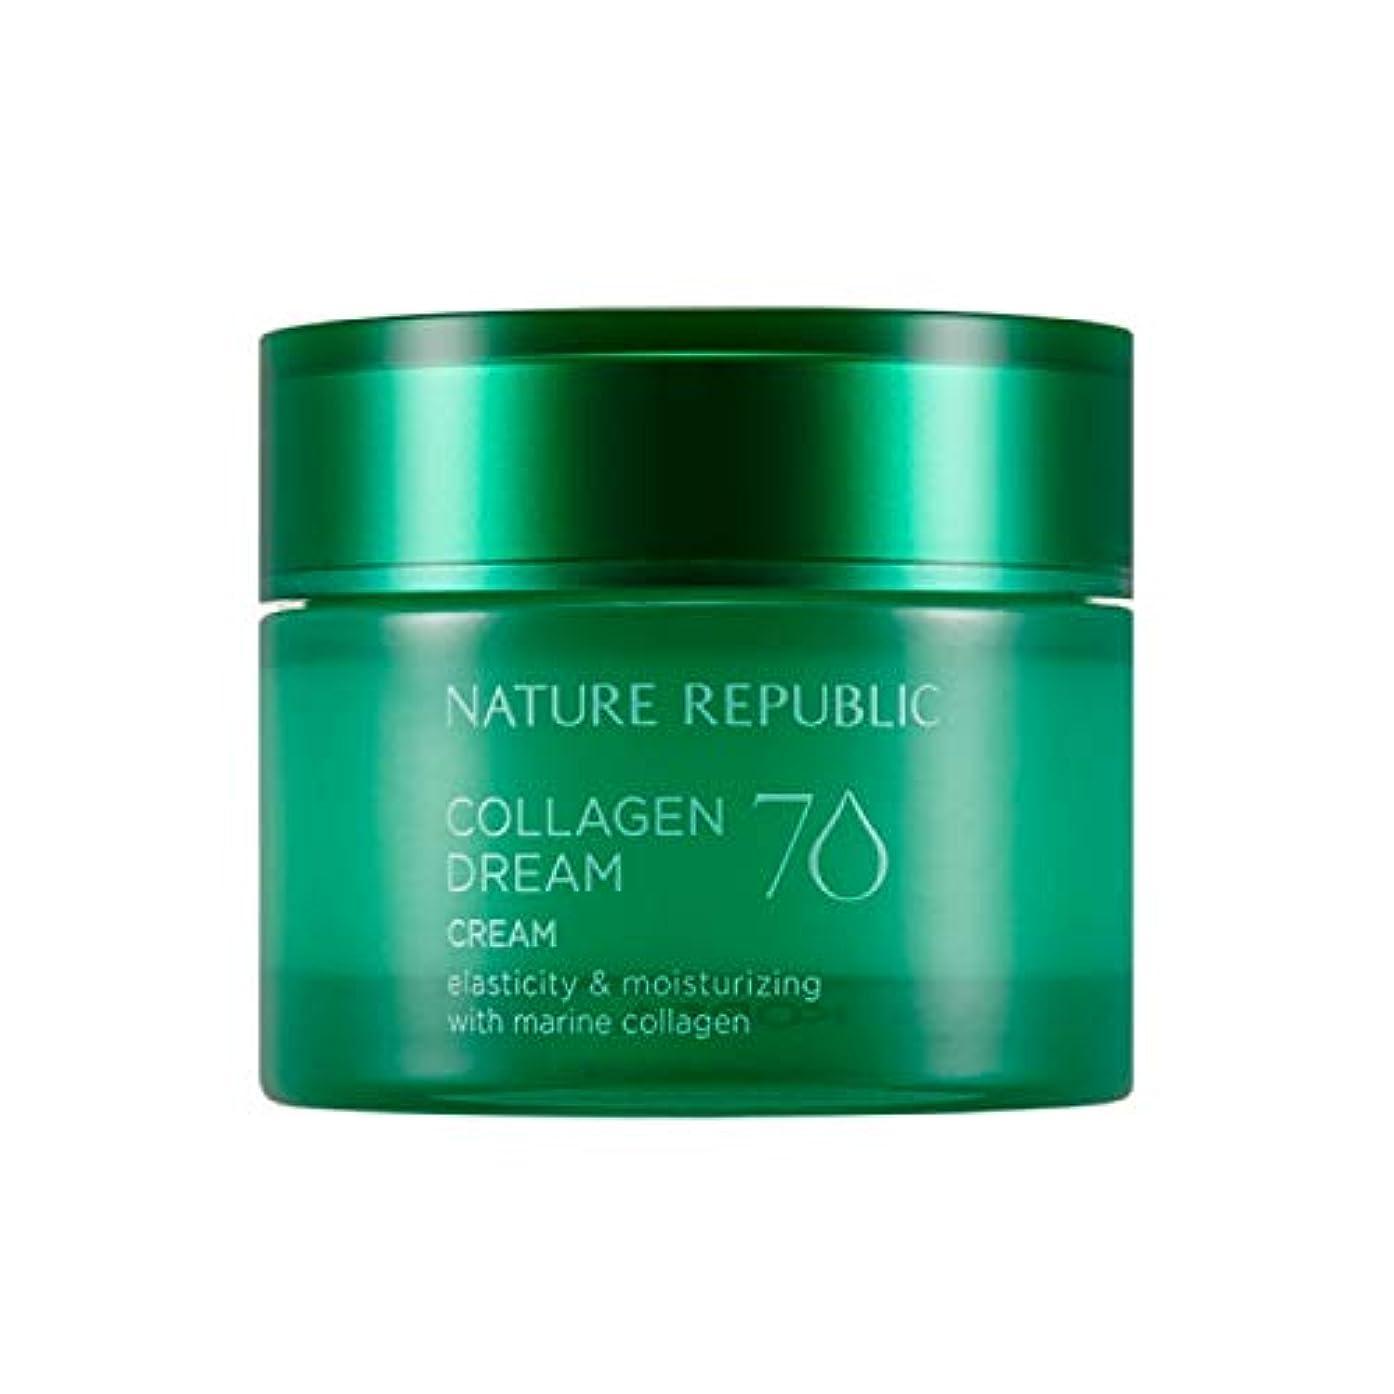 放映保証大混乱ネイチャーリパブリック(Nature Republic)コラーゲンドリーム70クリーム 50ml / Collagen Dream 70 Cream 50ml :: 韓国コスメ [並行輸入品]